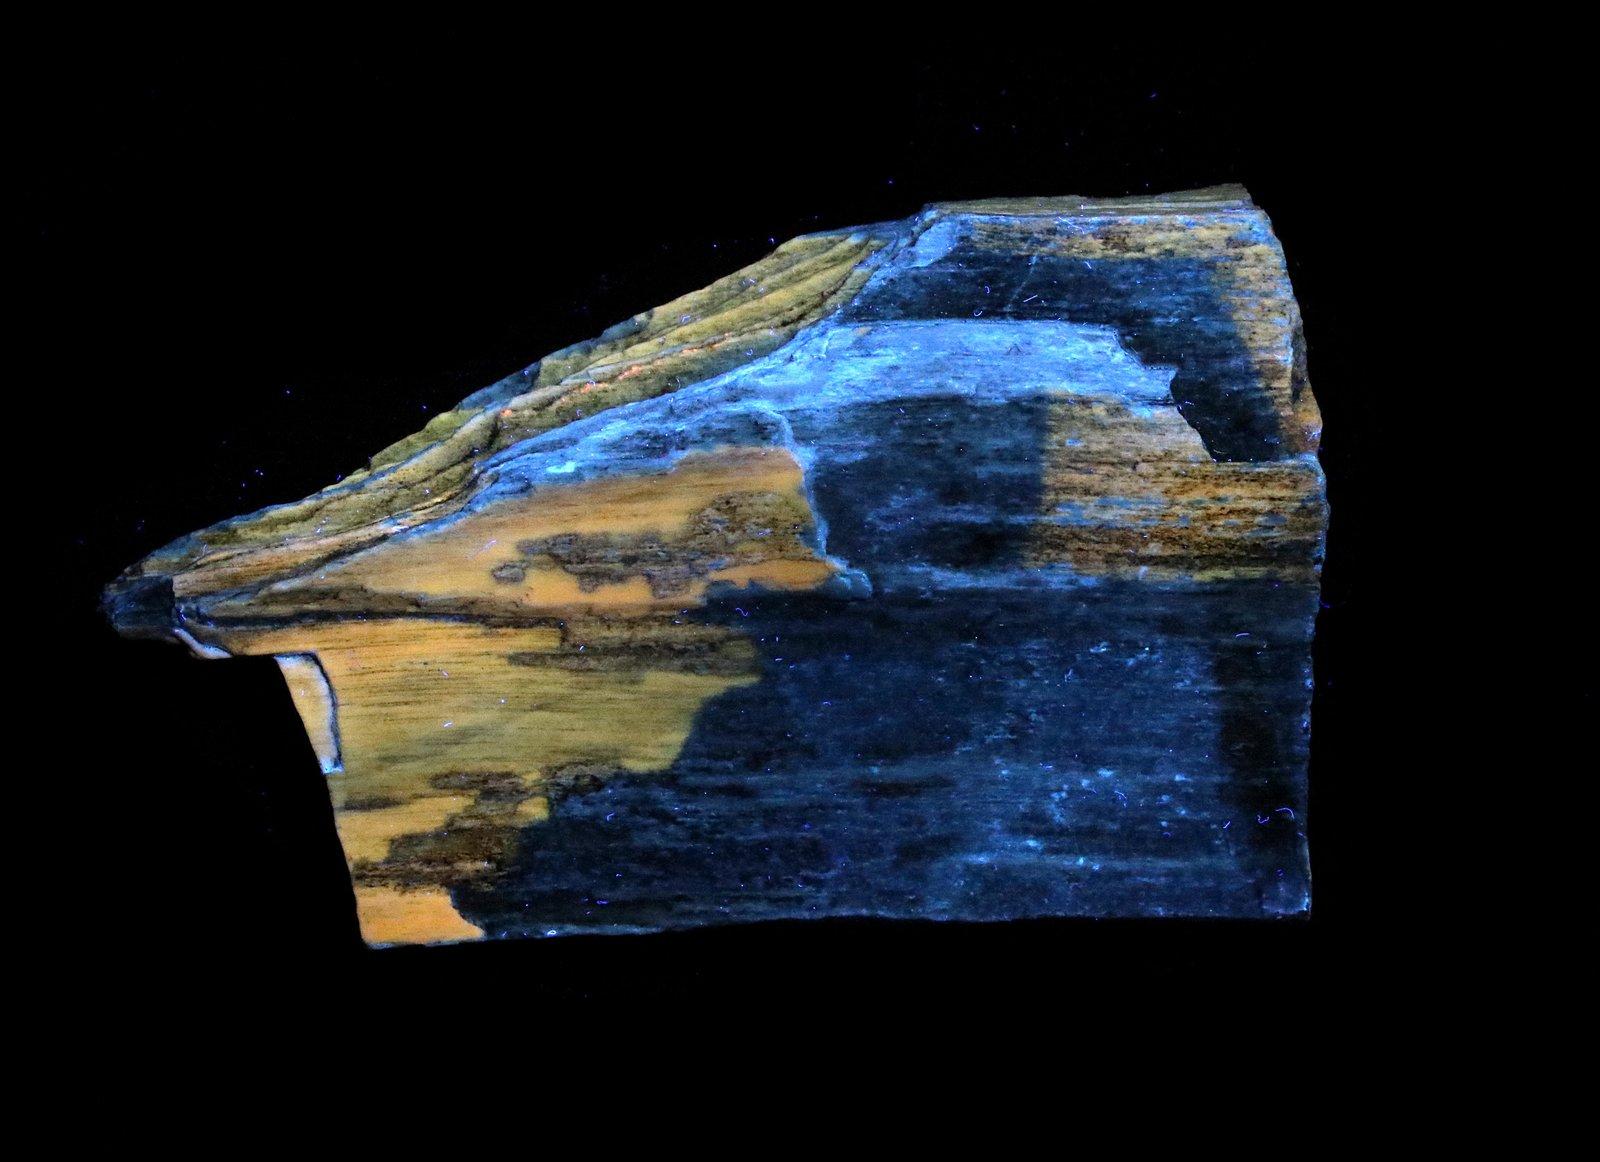 Petrified Wood Under UV